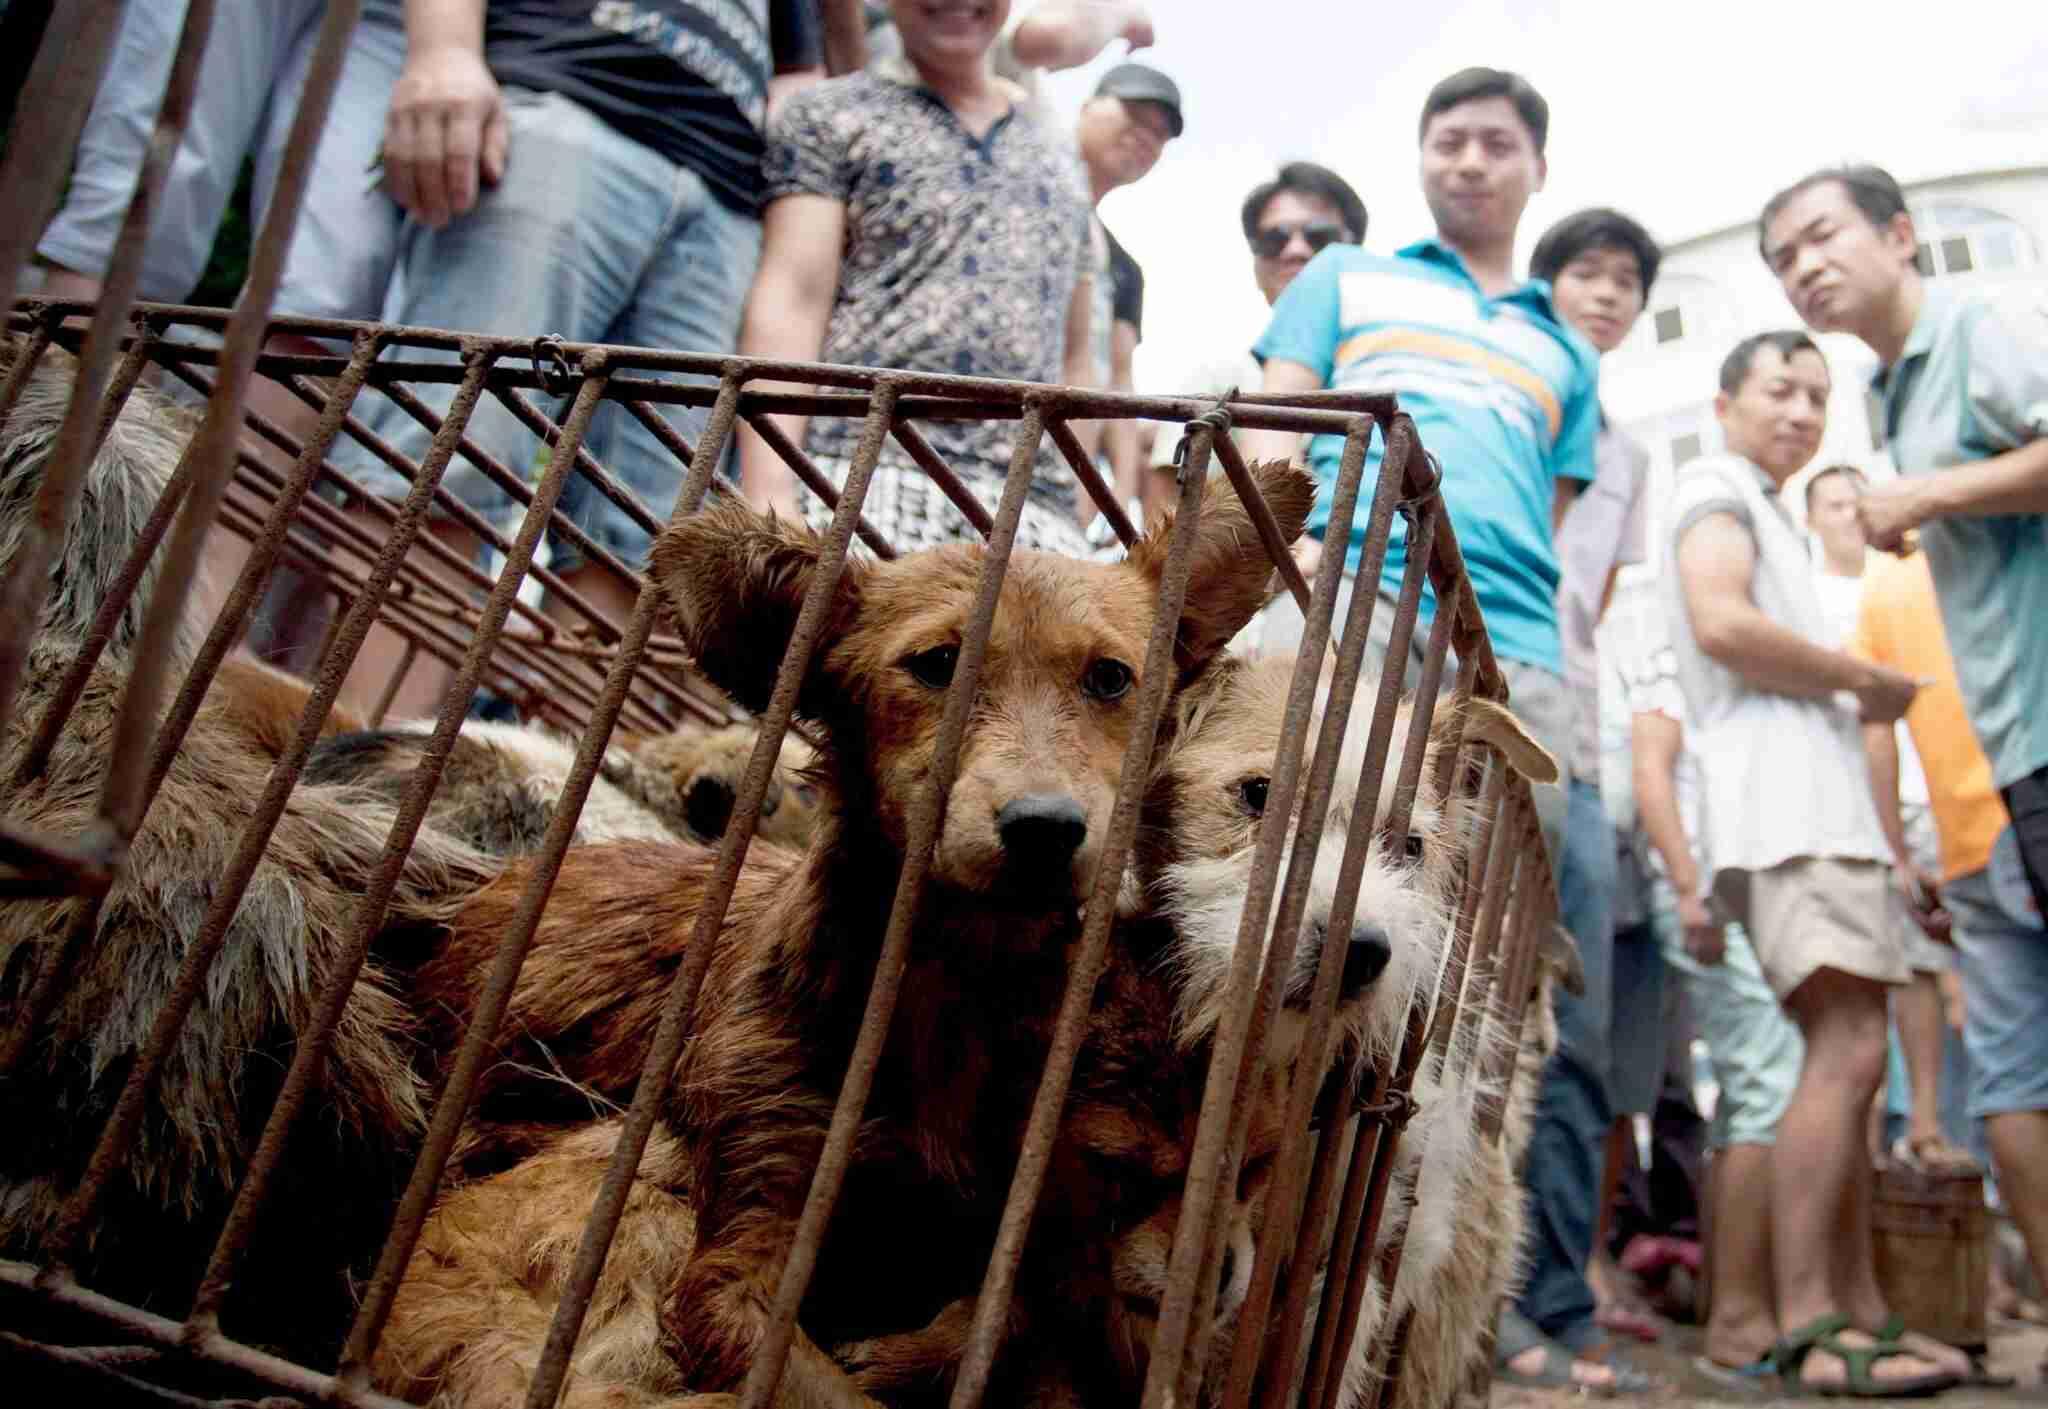 「犬食」は伝統文化か動物虐待か 世界中で物議を醸す中国恒例の犬食祭 | newStory(ニューストーリー)